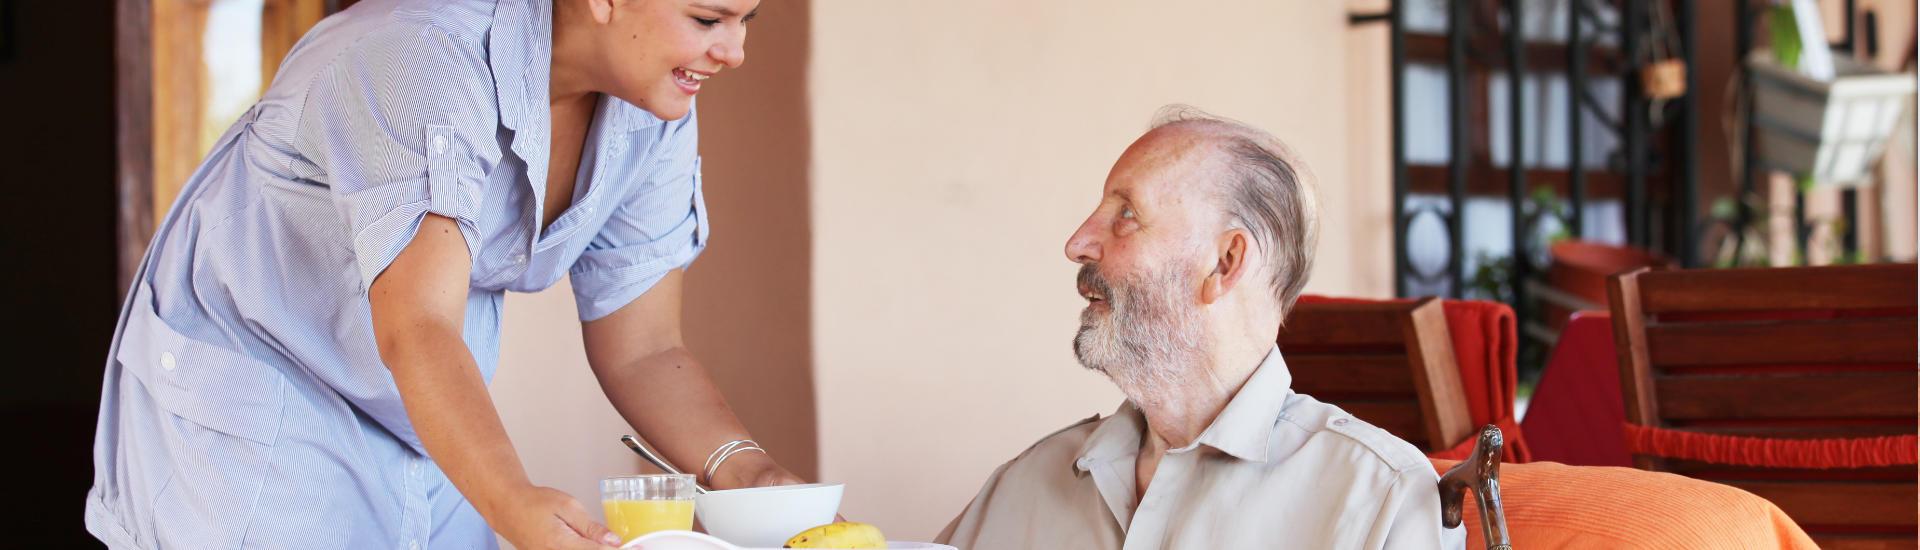 Pflegedienst-Vermittlung - 24-Stunden-Pflege - CURA GOLD